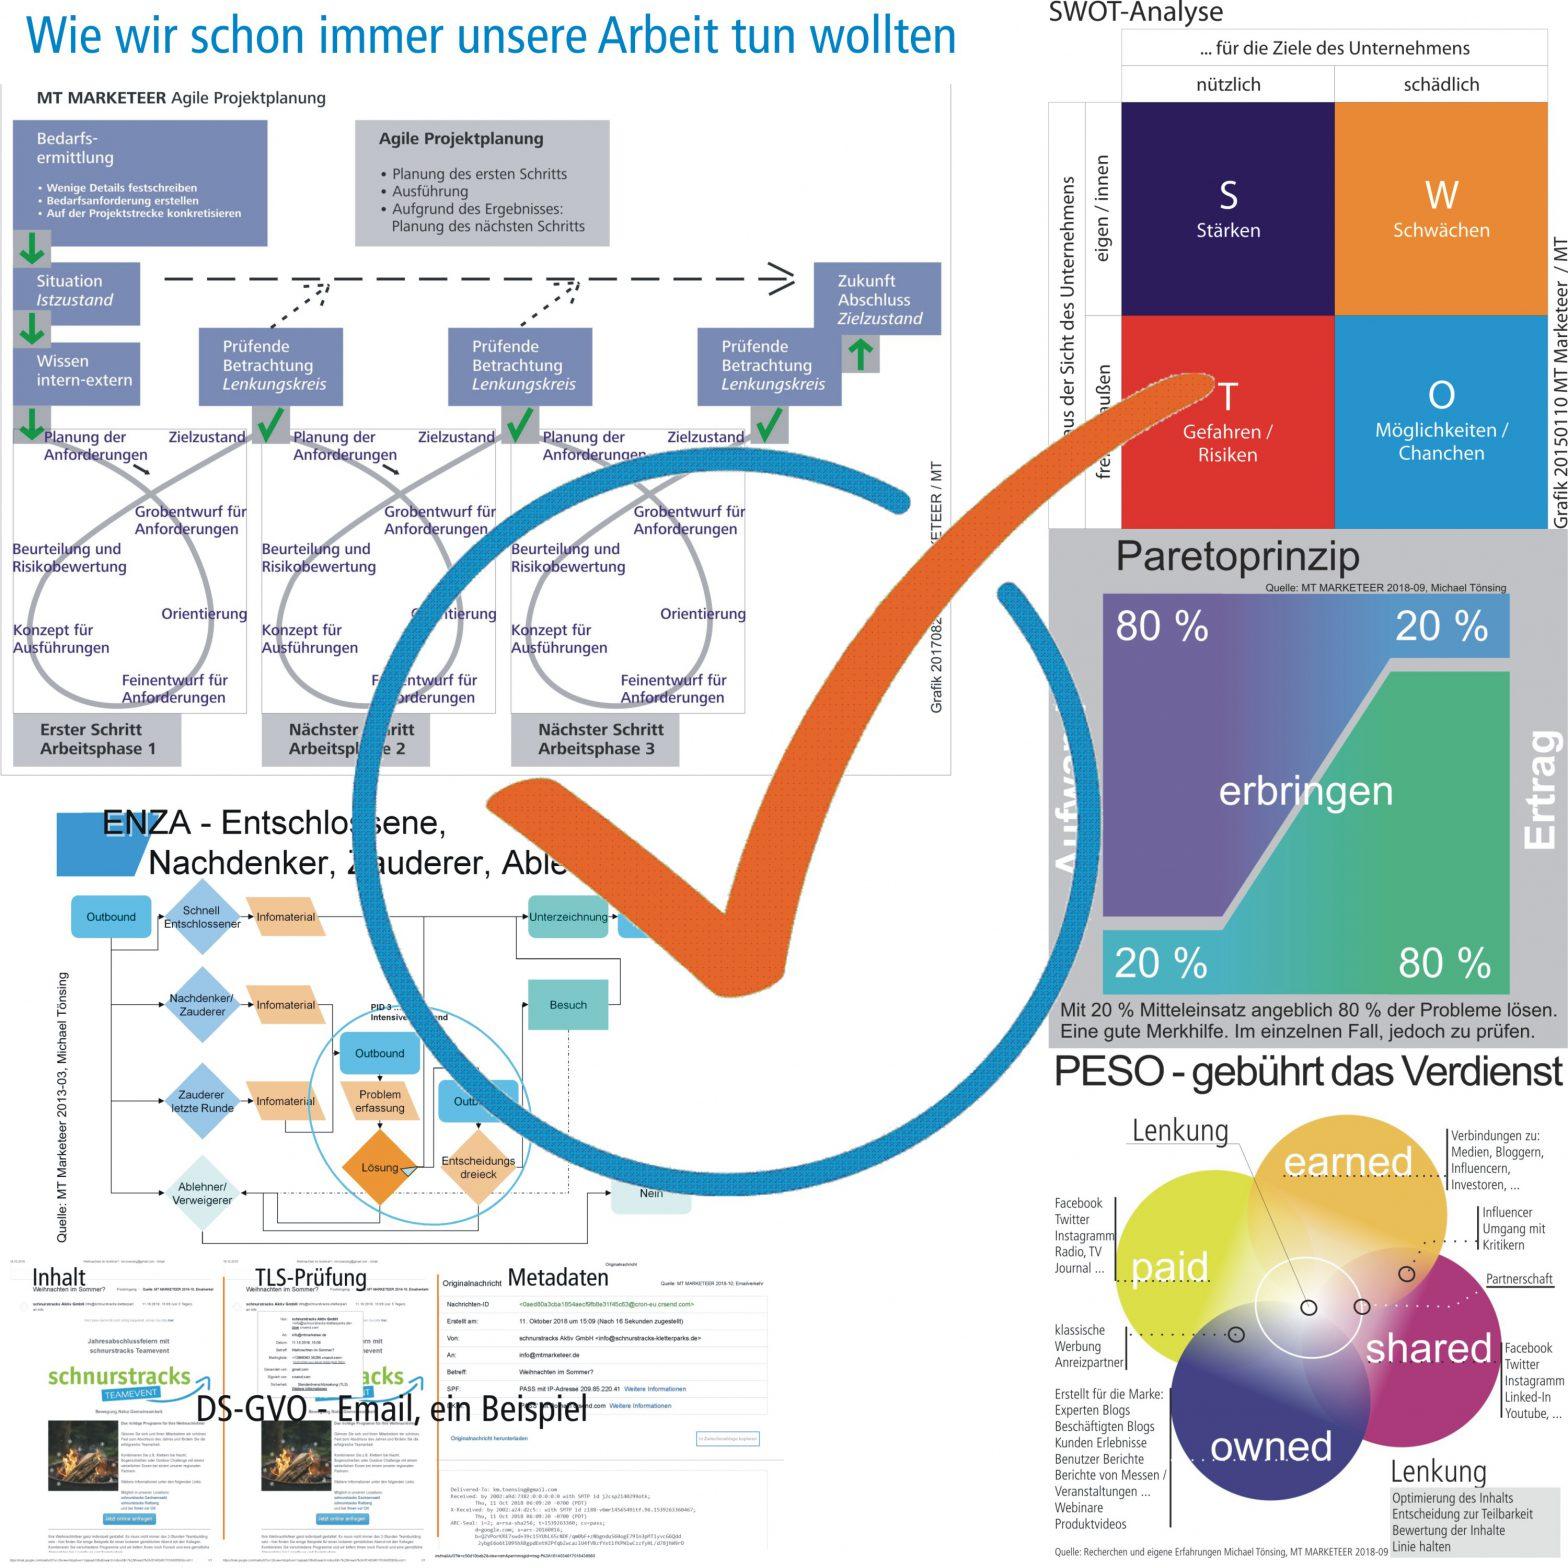 Wie wir schon immer unsere Arbeit tun wollten - Was bedeutet für die >Agile Planung: SWOT - ENZA - ABC - PESO? DS-GVO kennt ja wohl jeder. MT MARKETEER 2018-10-16, MT